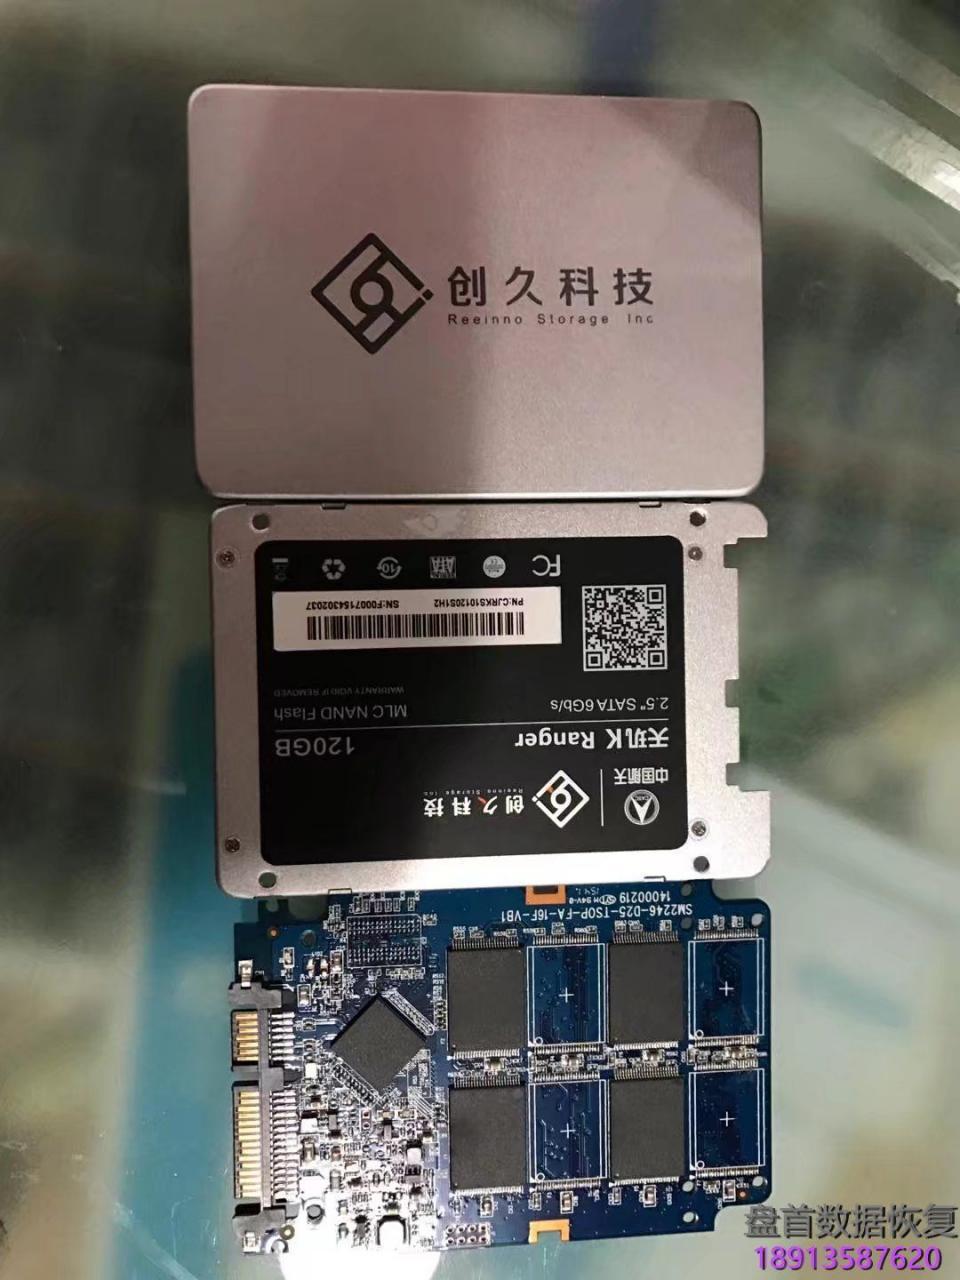 sm2246xt主控芯片,杂牌120g固态硬盘无法识别,数据完美 SM2246XT主控芯片,杂牌120G固态硬盘无法识别,数据完美恢复